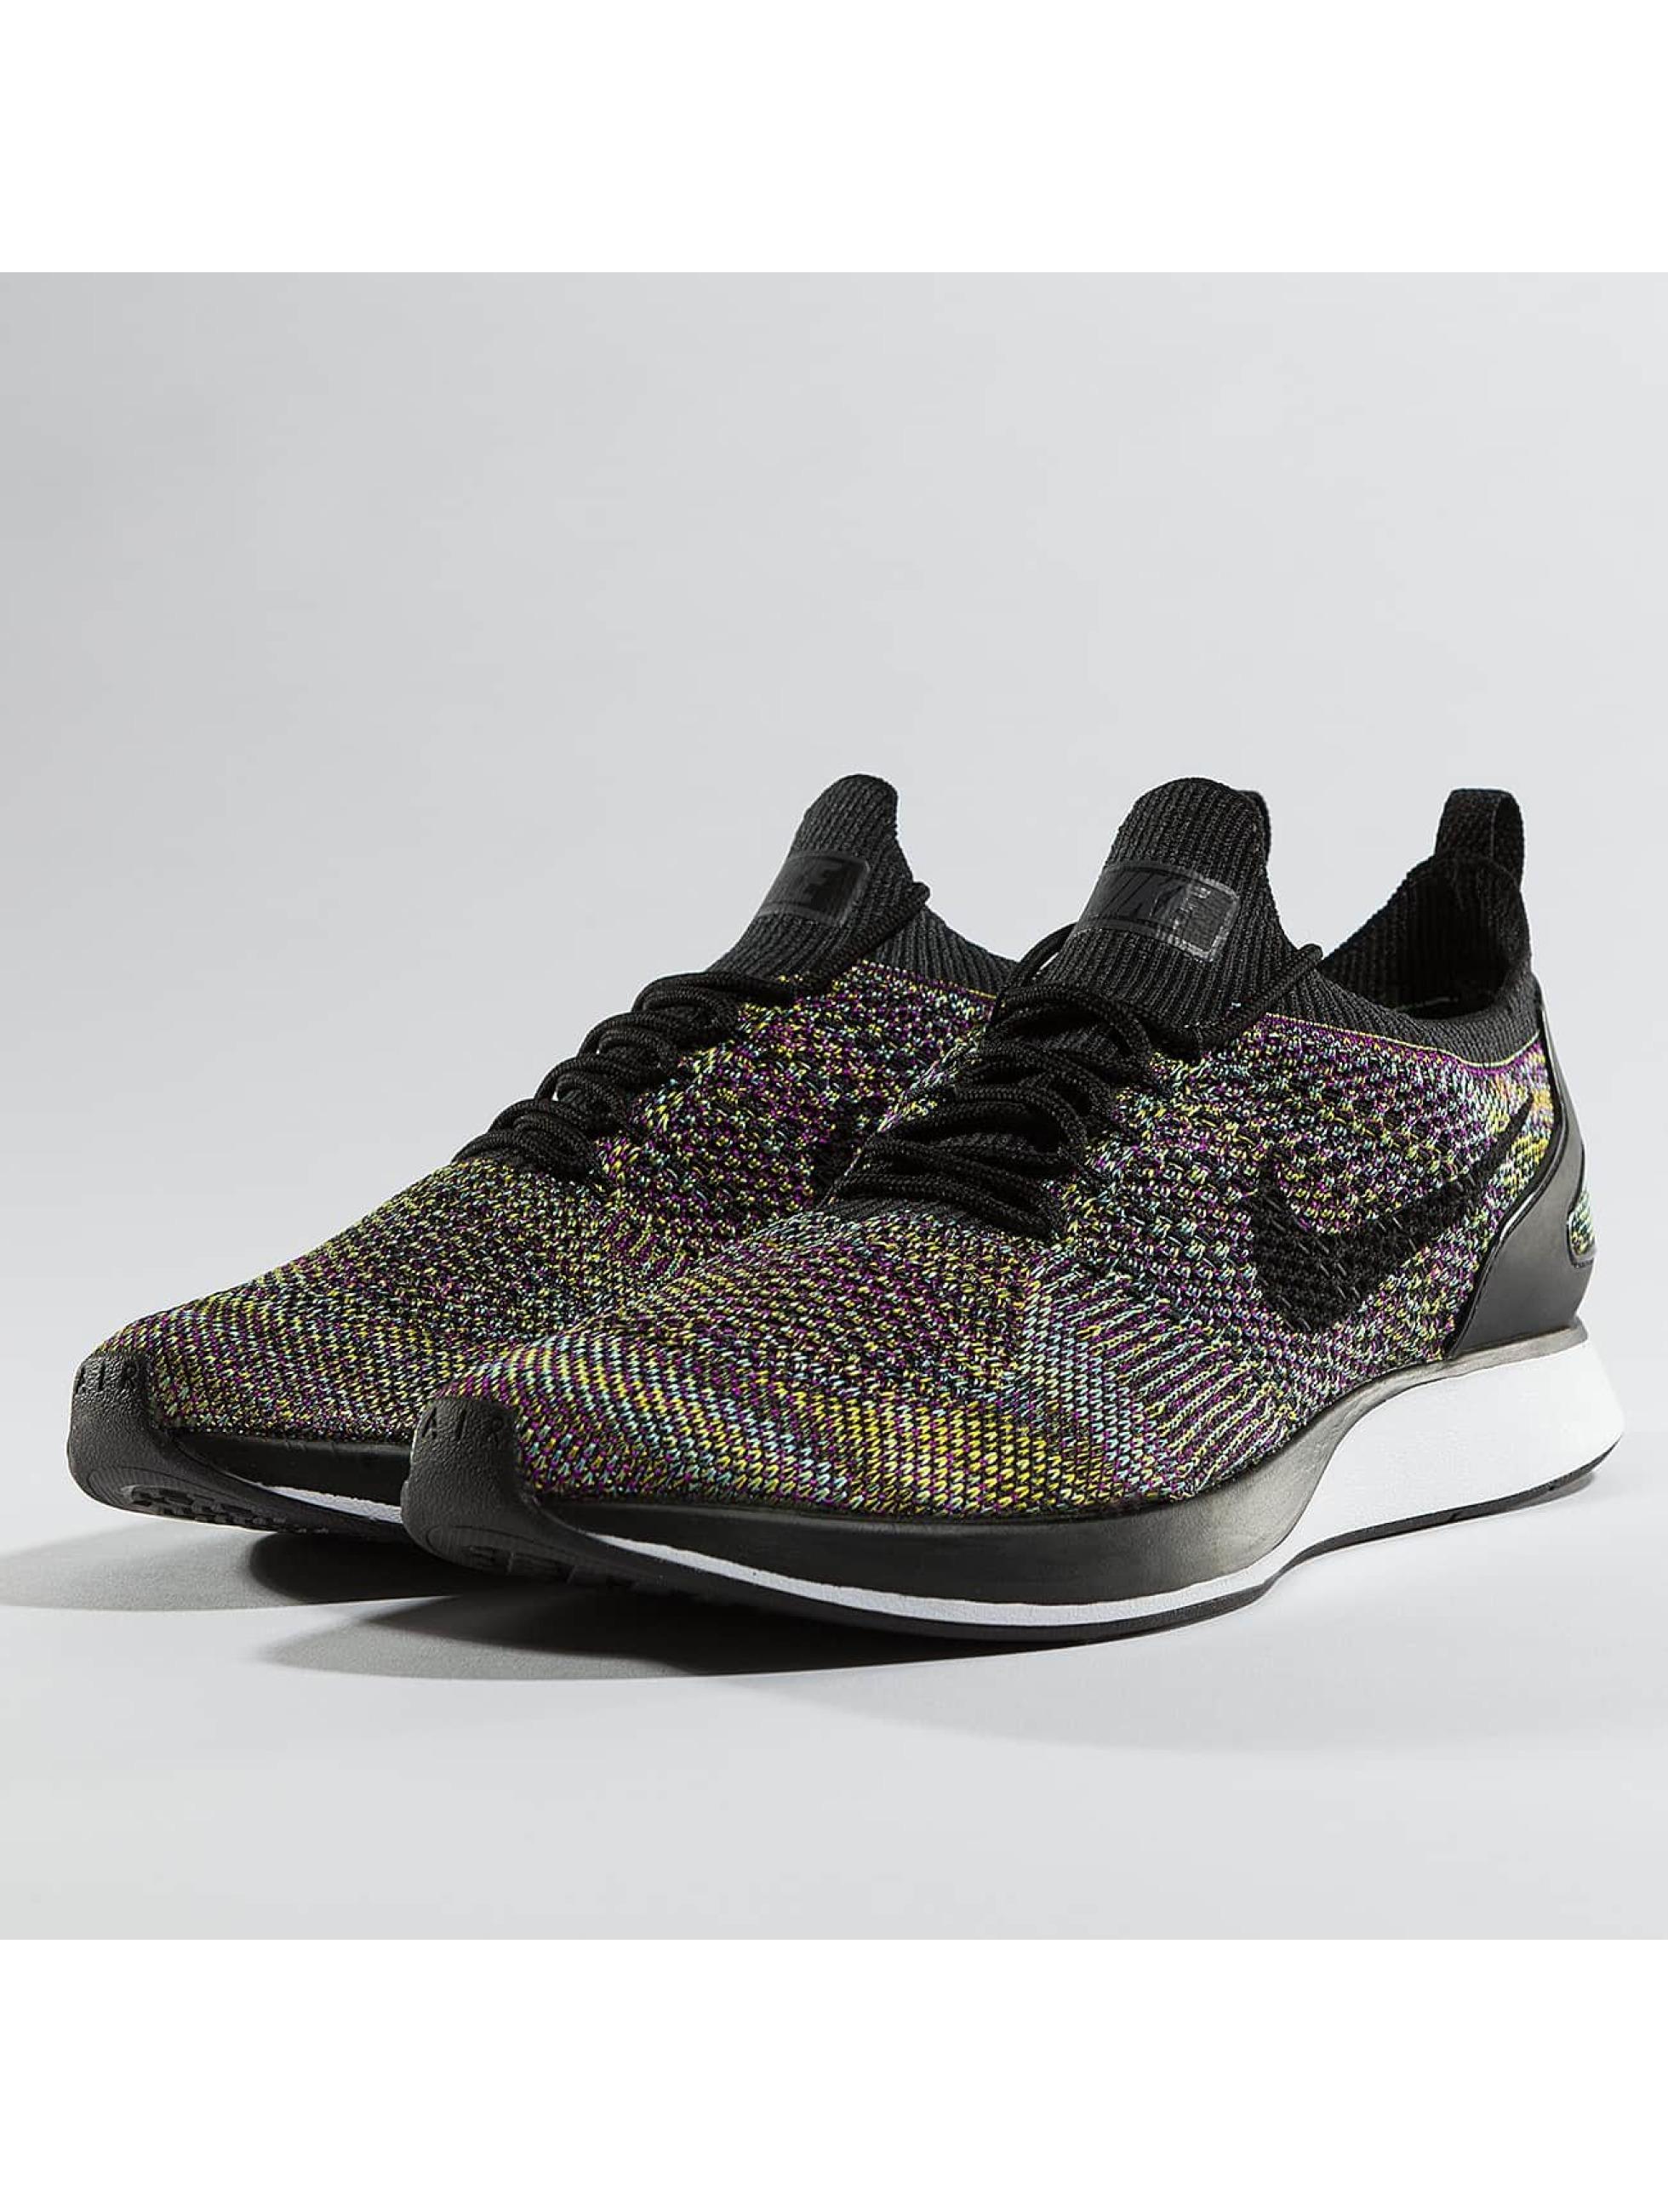 brand new 4d71d d1716 Nike Skor   Sneakers Zoom Mariah Flyknit Racer i svart 364733